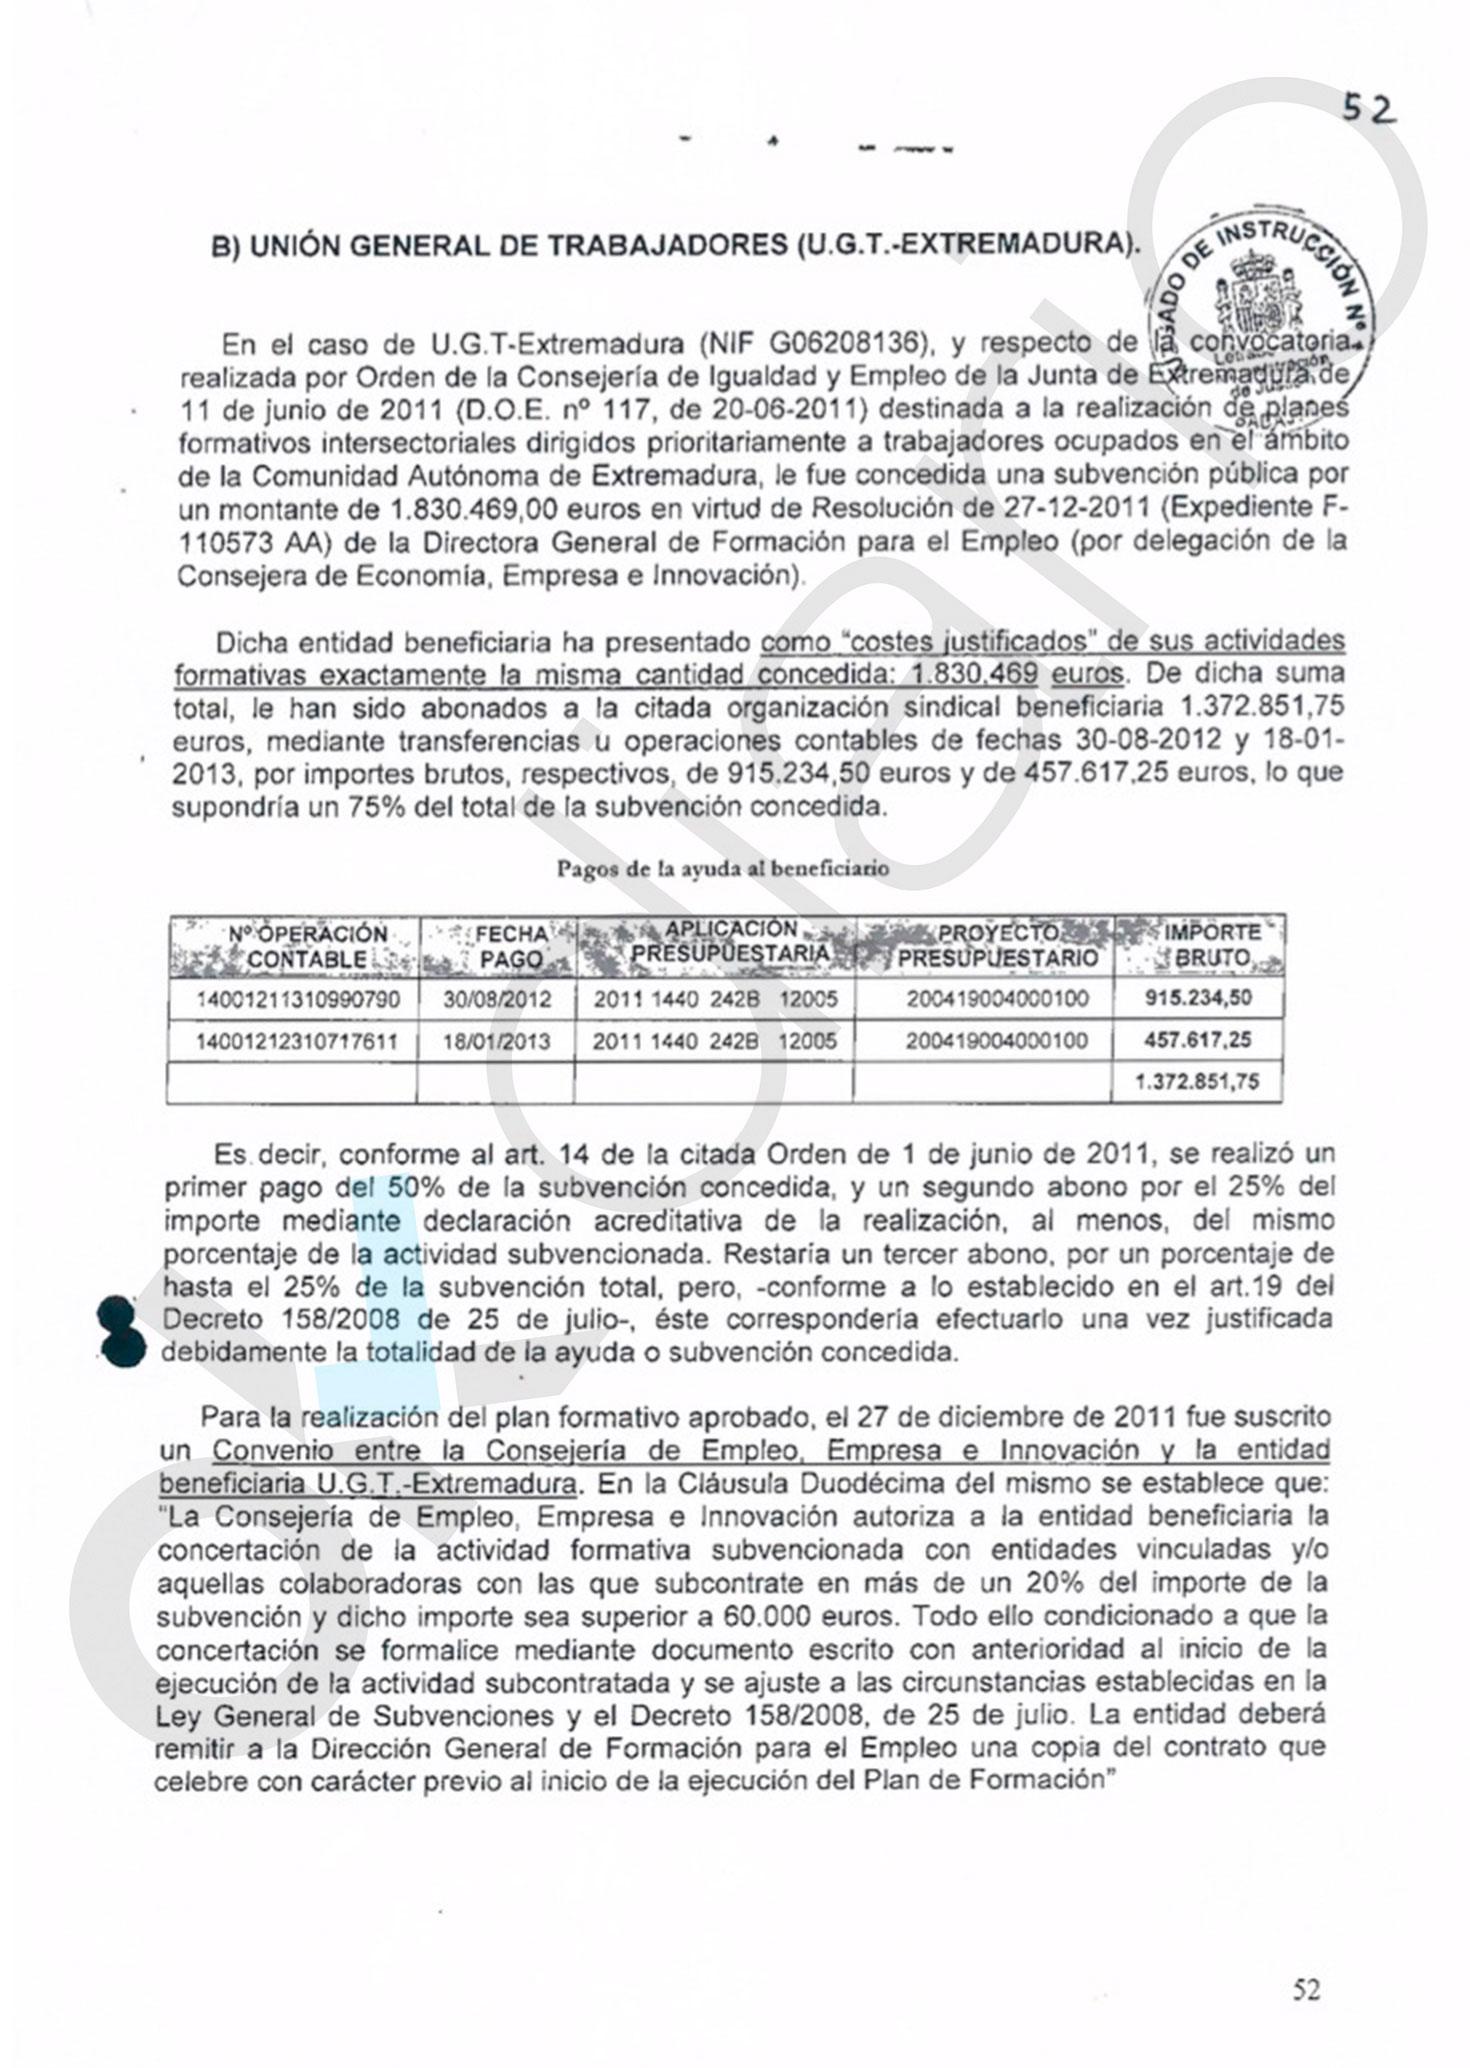 Una red societaria de UGT a nivel nacional se nutría del fraude de 30 millones de los fondos de formación